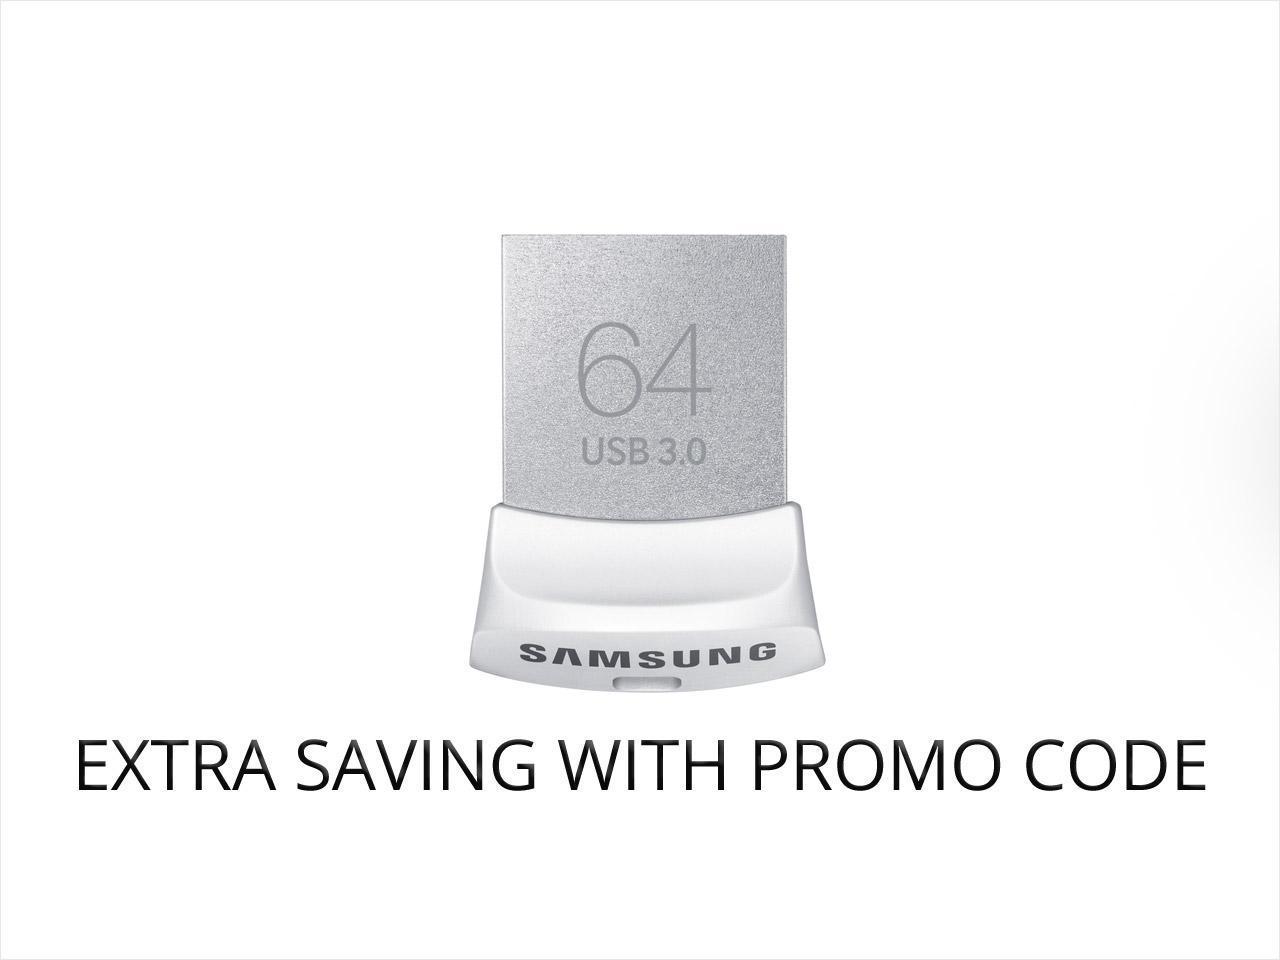 Samsung 64GB FIT USB 3.0 Flash Drive $18 AC @NF